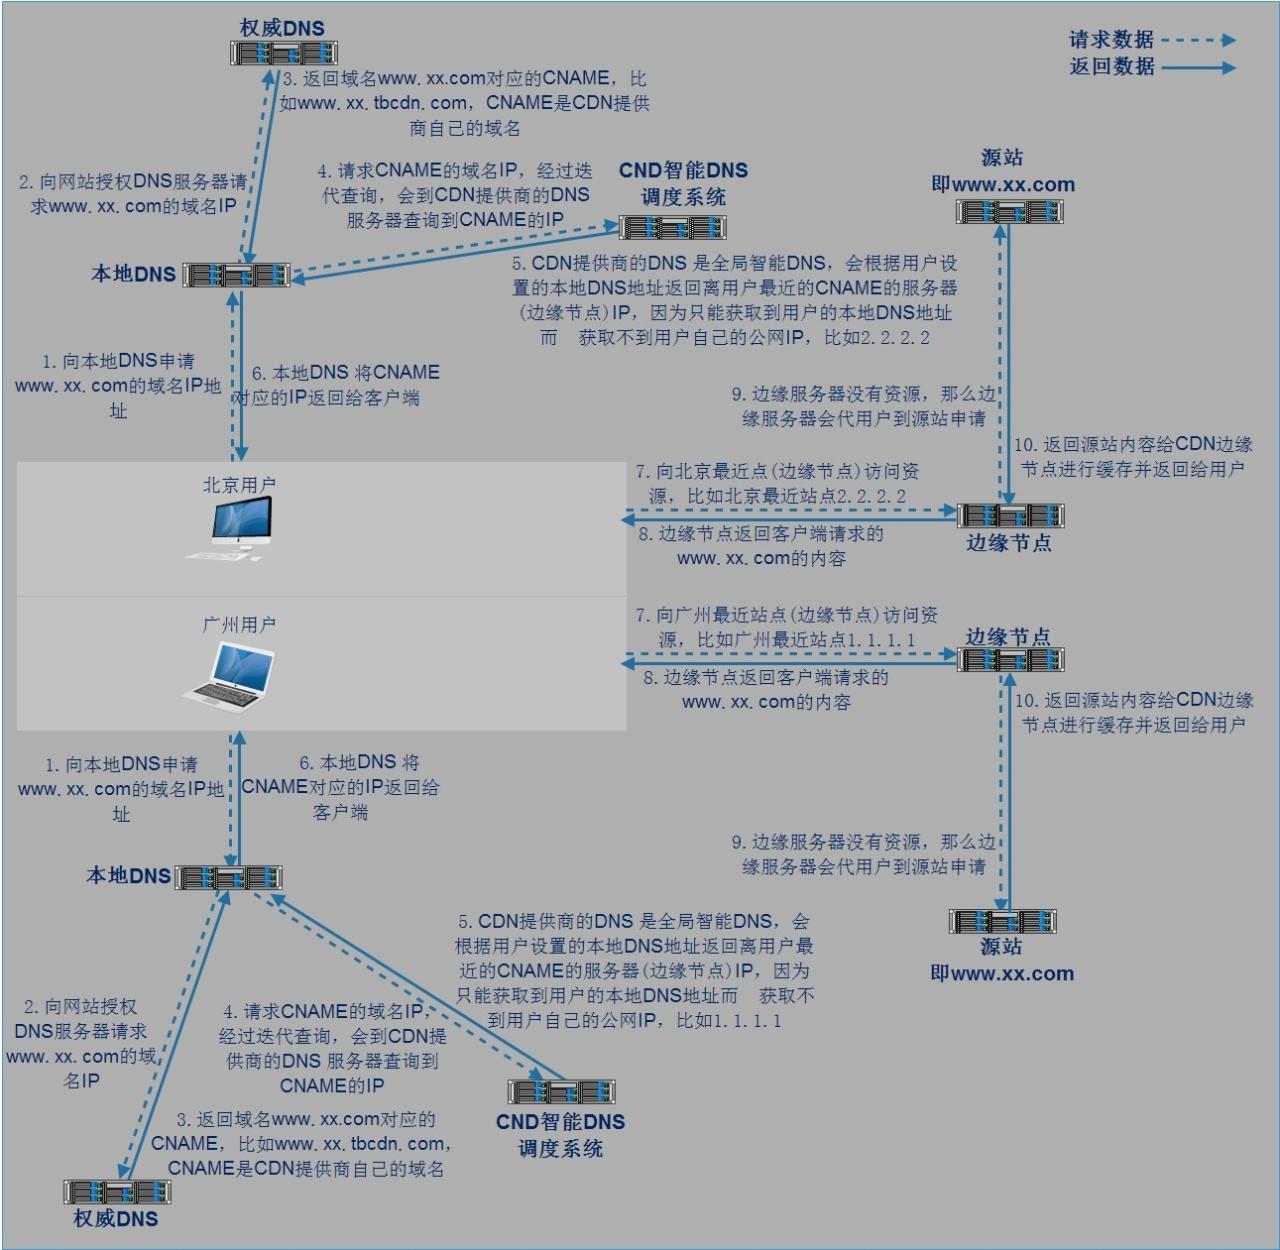 image-20210505155502054